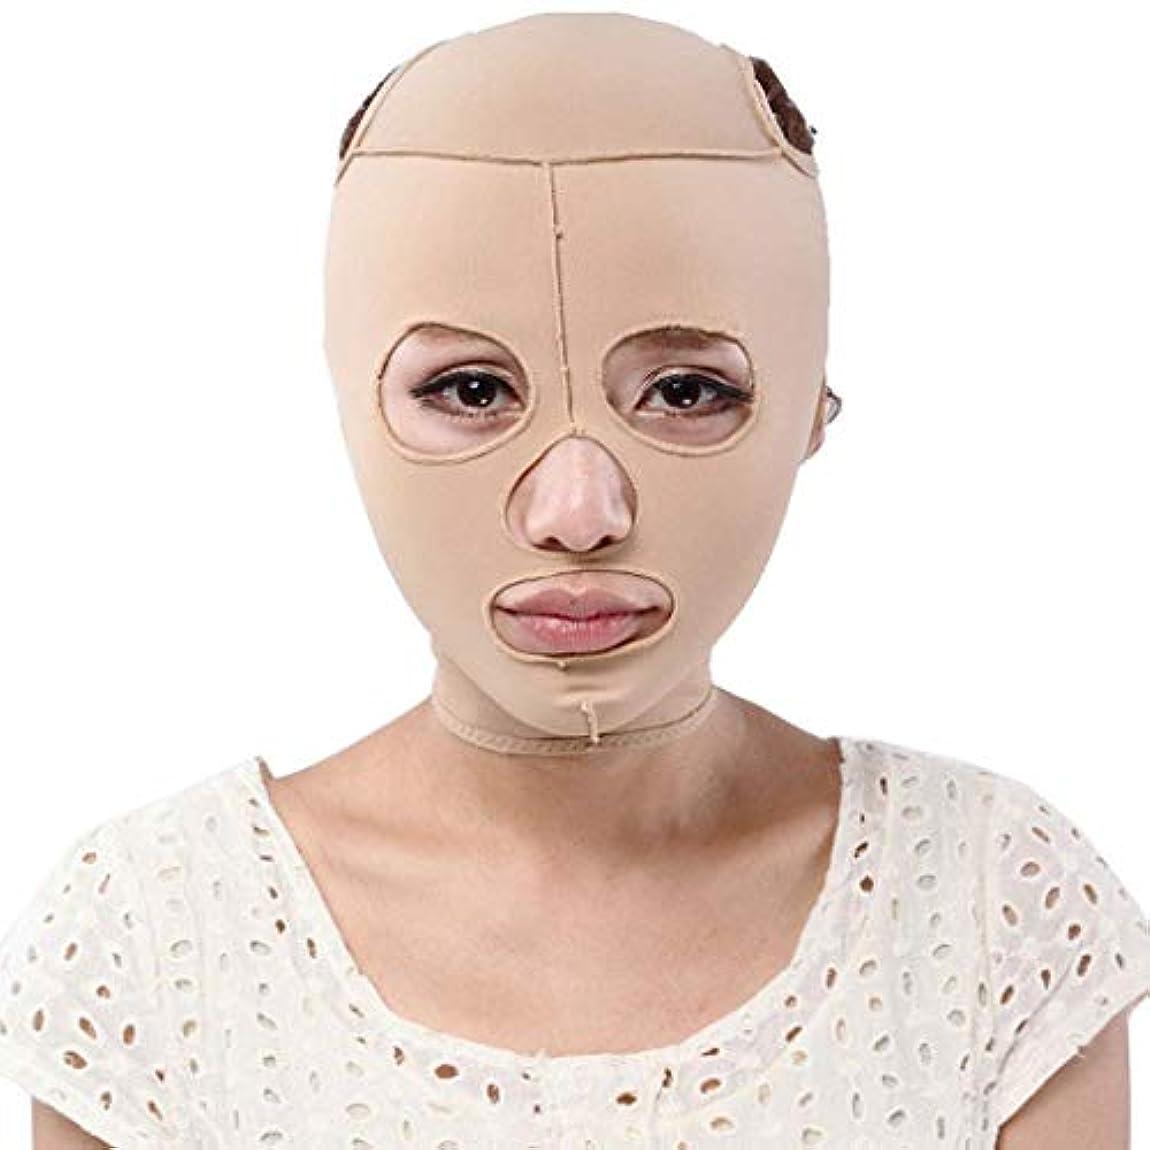 調停する特異な激しいフェイシャルスリミングマスク、フェイスリフティング包帯Vフェイスリフティングおよびリフティング/チンブラッシュスリムボディリダクションダブルチン減量包帯通気性、肌(XL) (S)